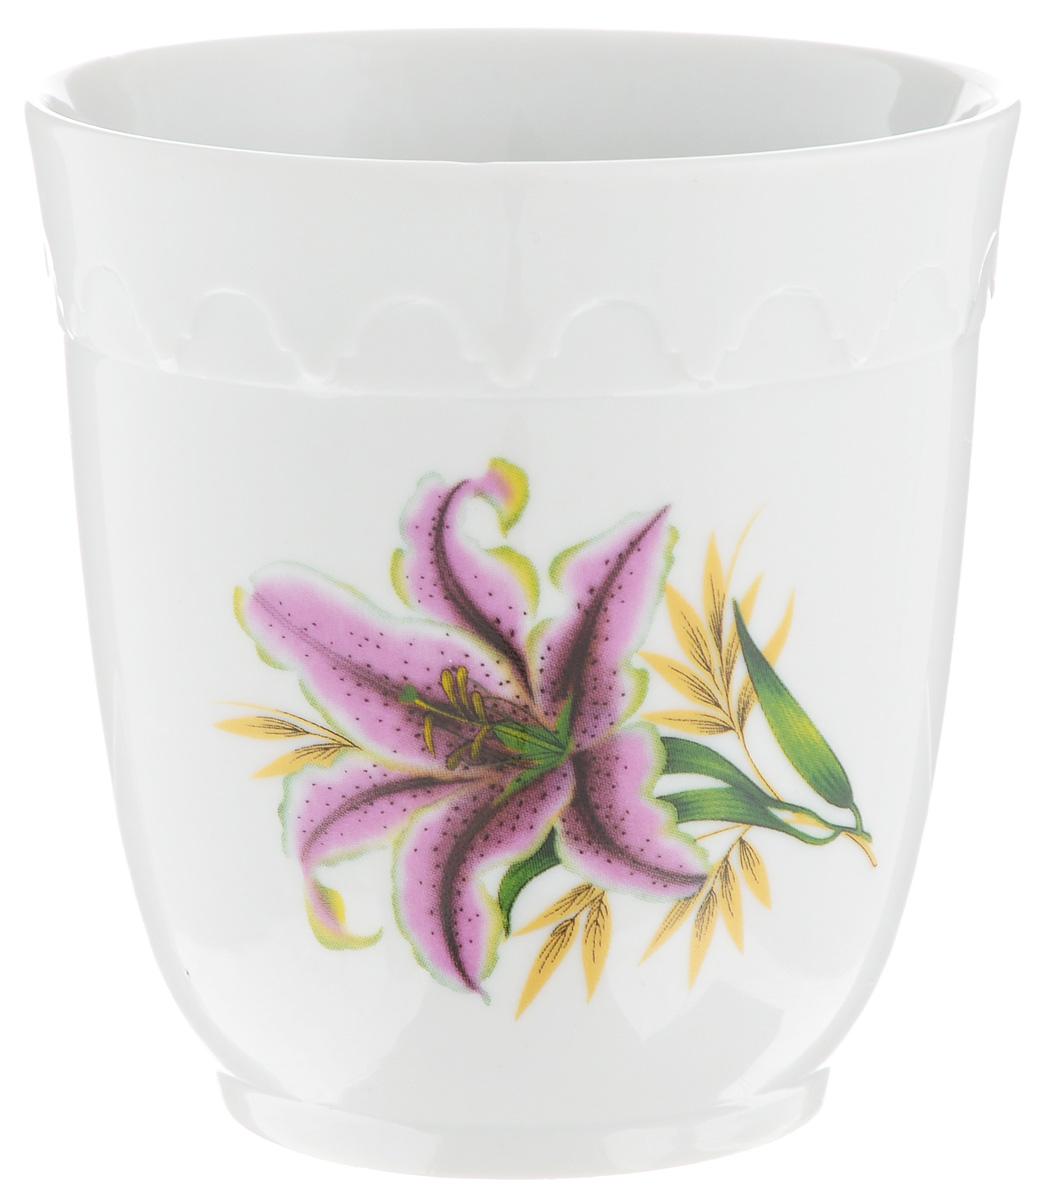 Кружка Фарфор Вербилок Арабеска. Розовая лилия, без ручки, 250 мл14141990Кружка Фарфор Вербилок Арабеска. Розовая лилия способна скрасить любое чаепитие. Изделие выполнено из высококачественного фарфора. Посуда из такого материала позволяет сохранить истинный вкус напитка, а также помогает ему дольше оставаться теплым.Диаметр по верхнему краю: 8 см.Высота кружки: 8,5 см.